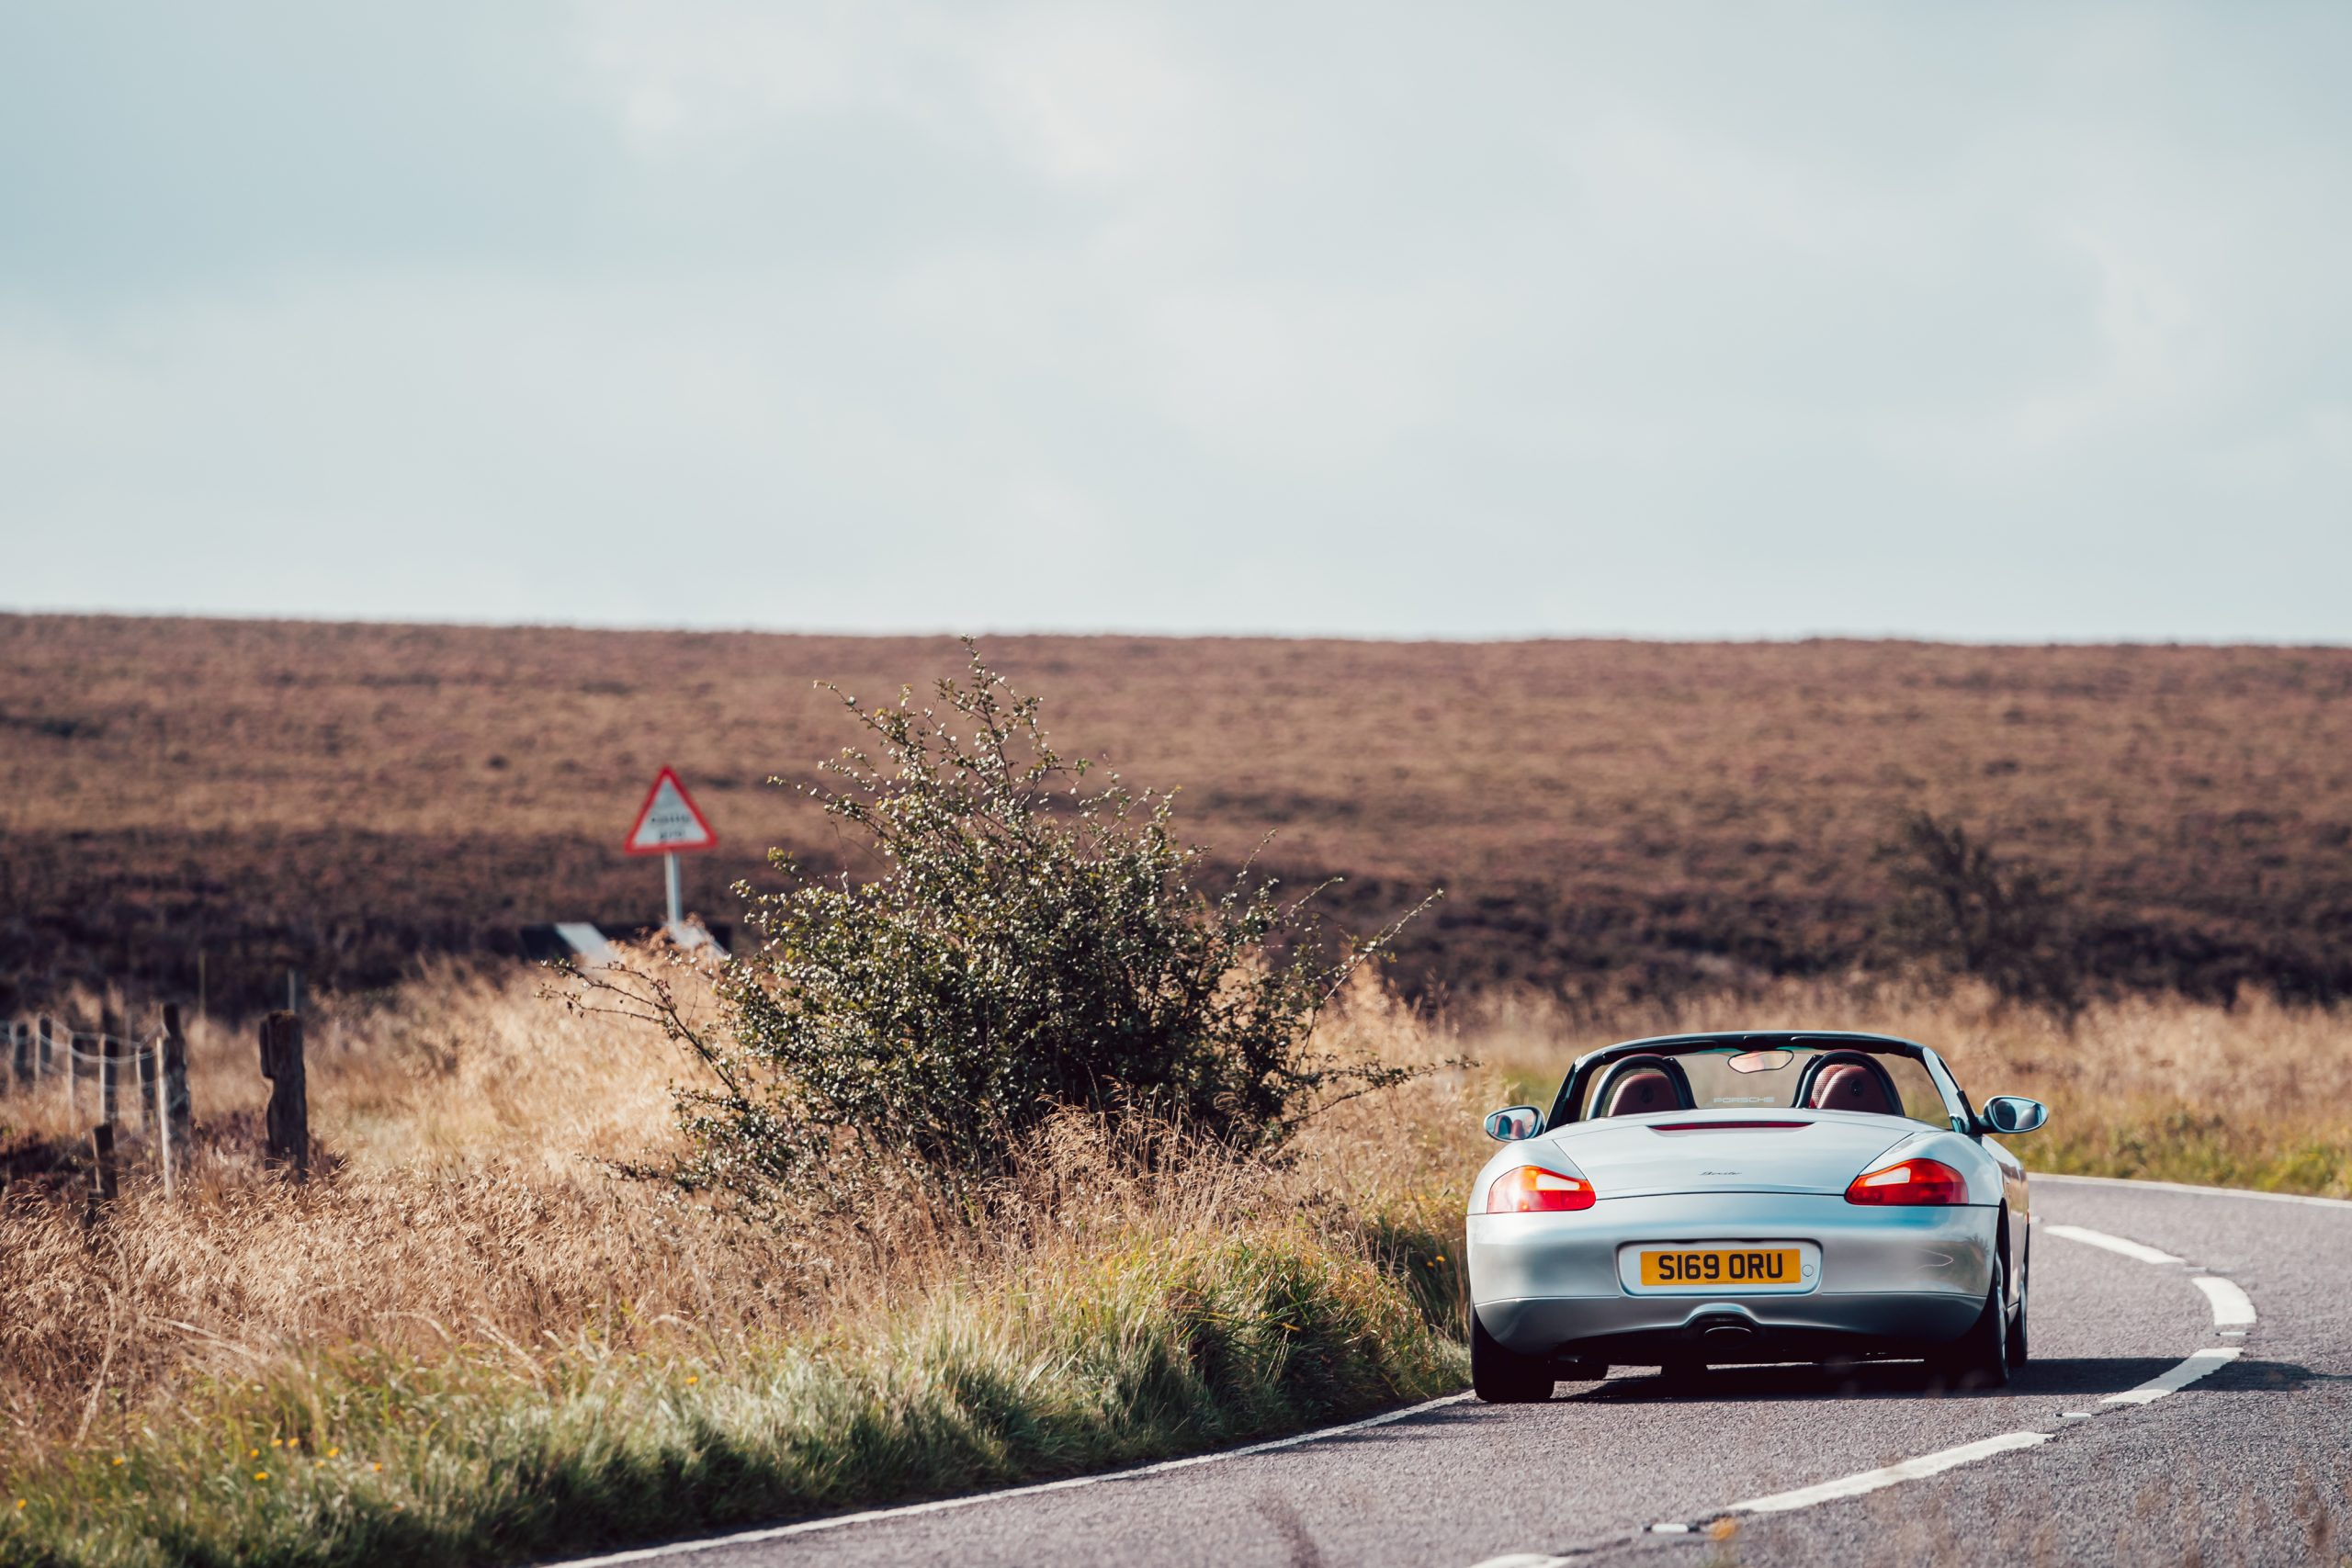 2021 Porsche Boxster 985 rear view